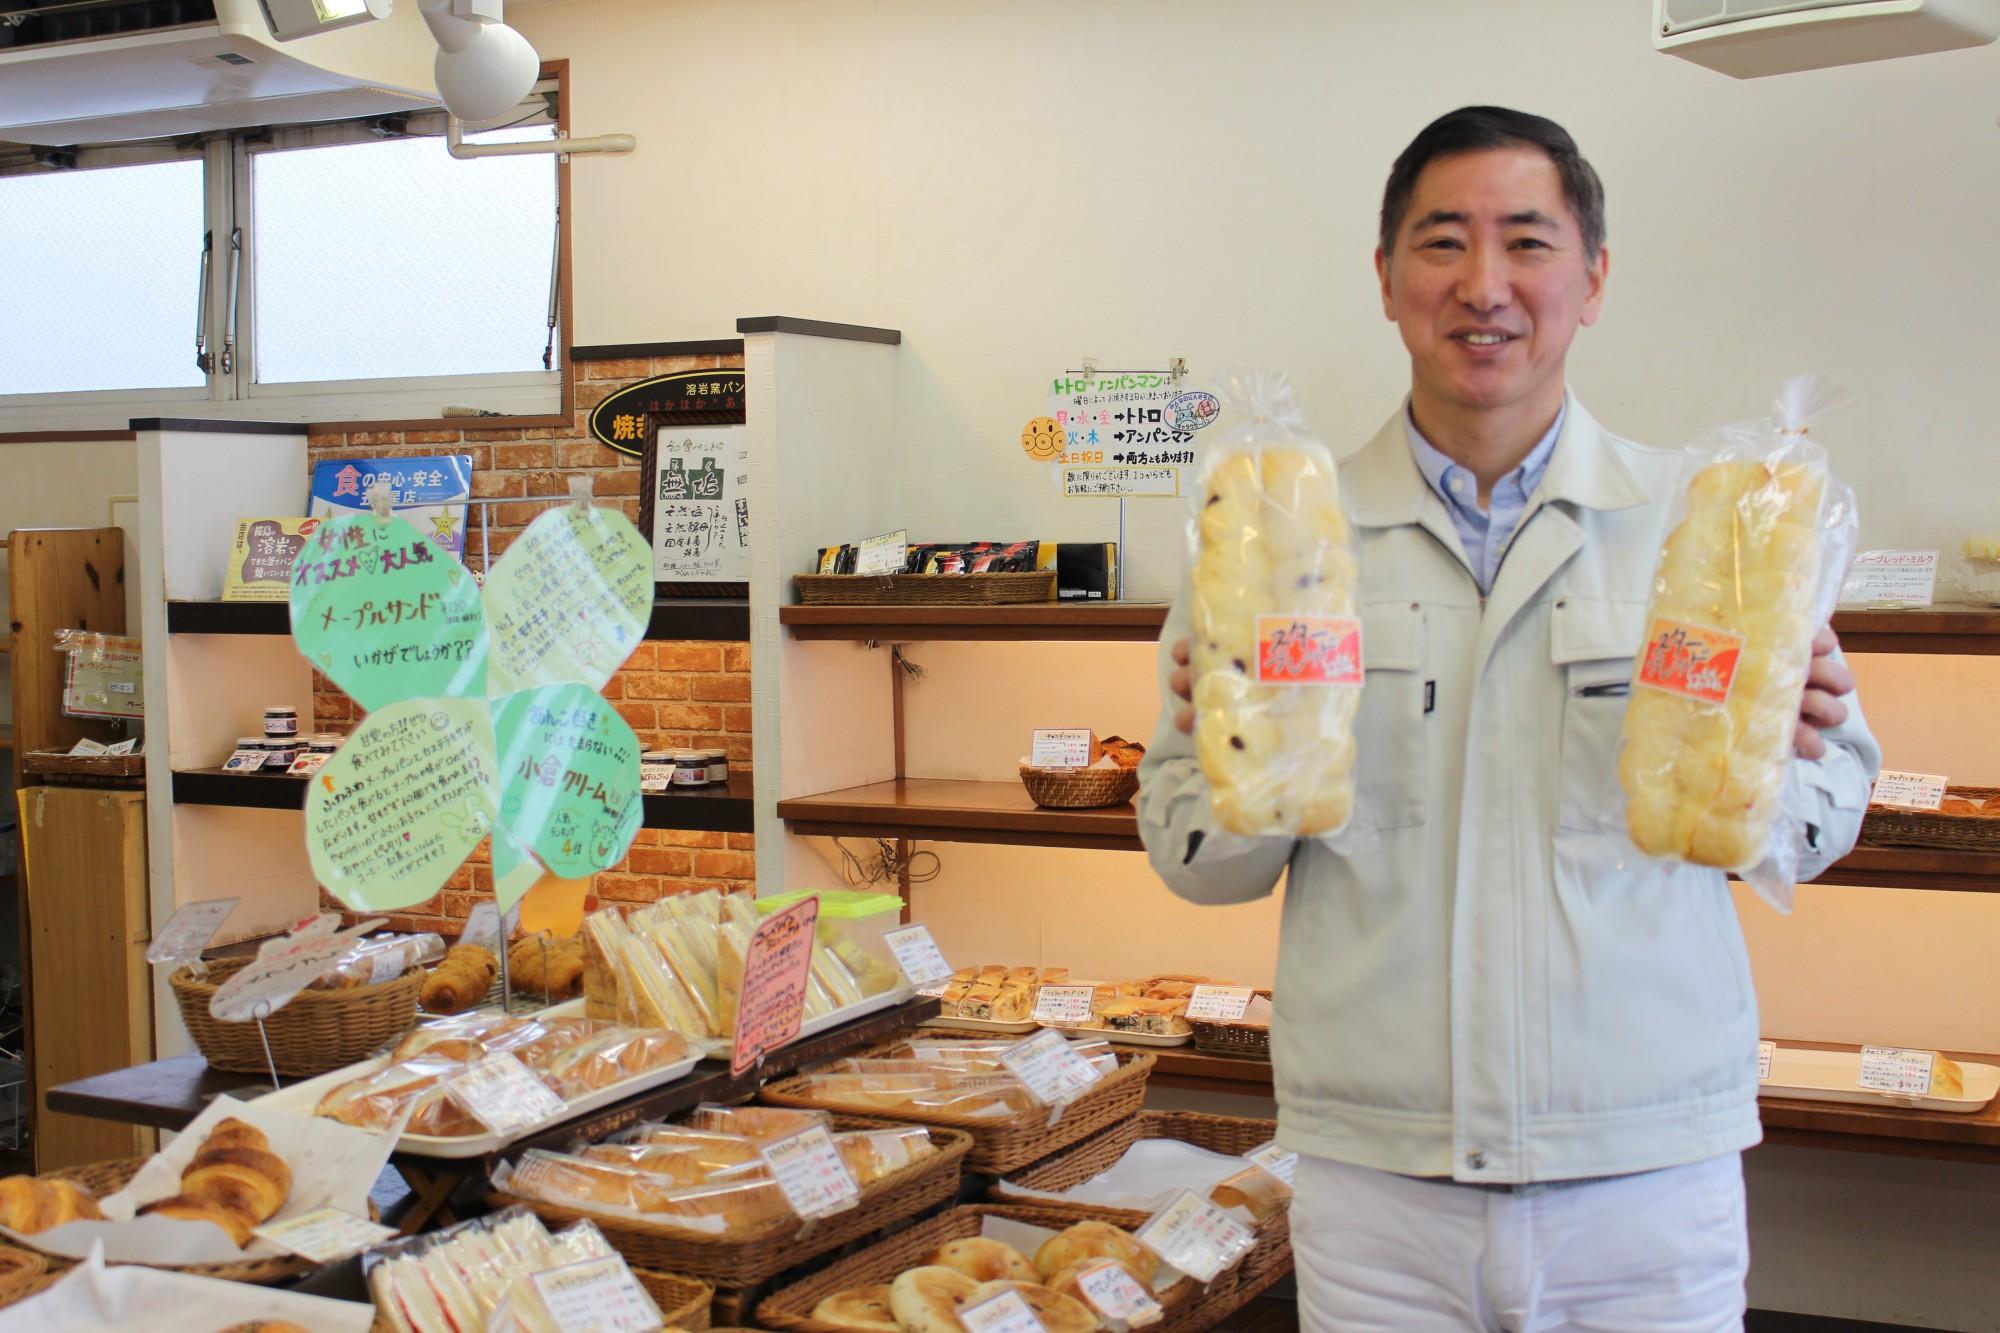 「店頭でも工場でも、お客様の喜ぶ顔が見たいという気持ちはスタッフみんな同じです」と仲丸達雄社長。